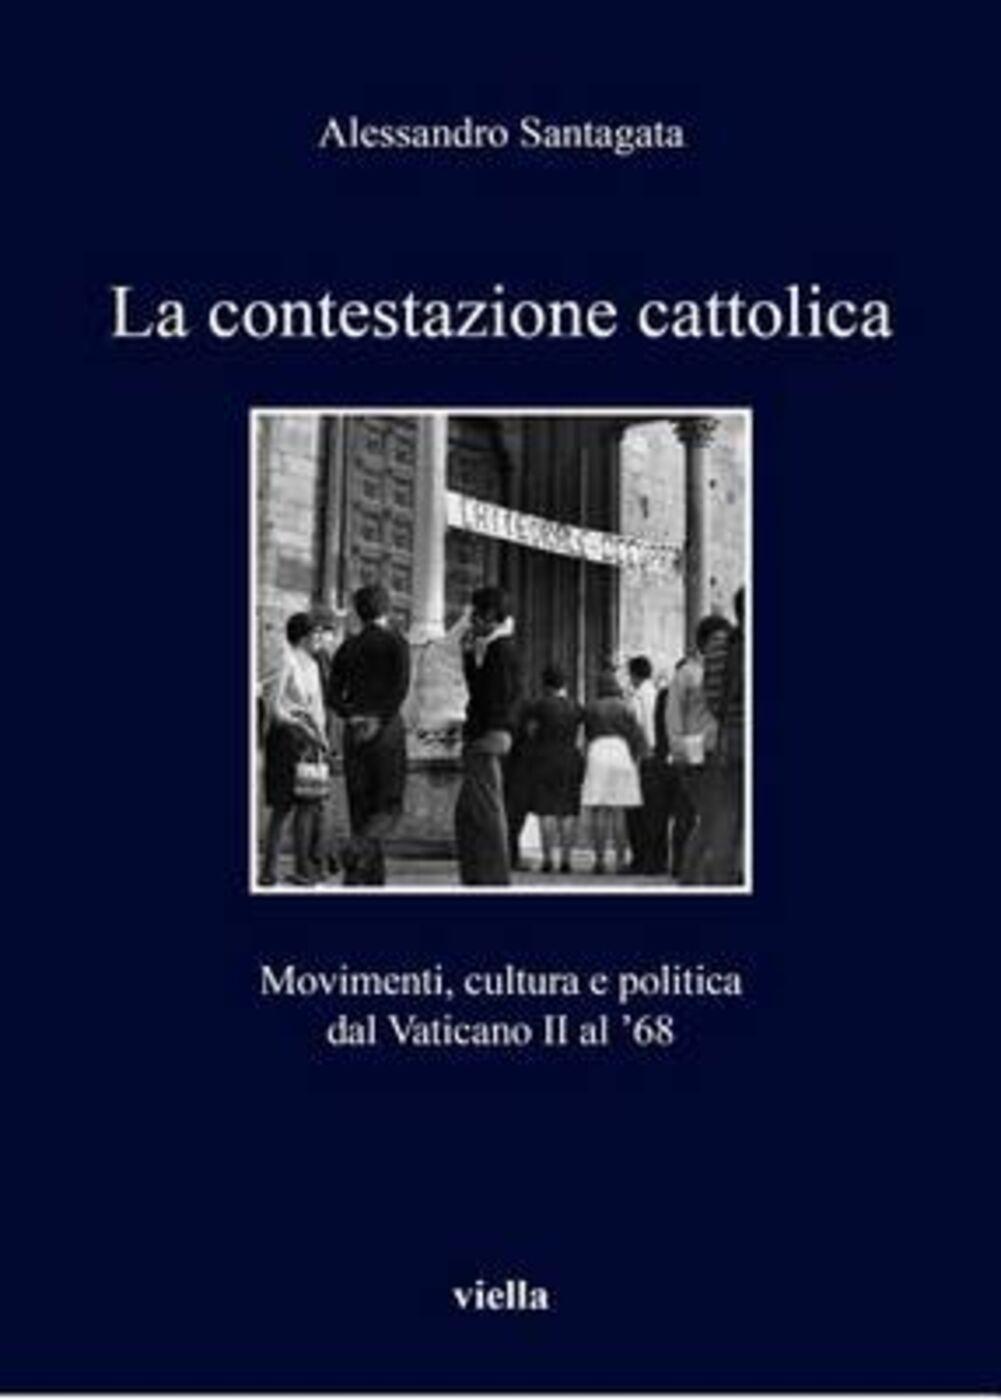 La contestazione cattolica. Movimenti, cultura e politica dal Vaticano II al '68